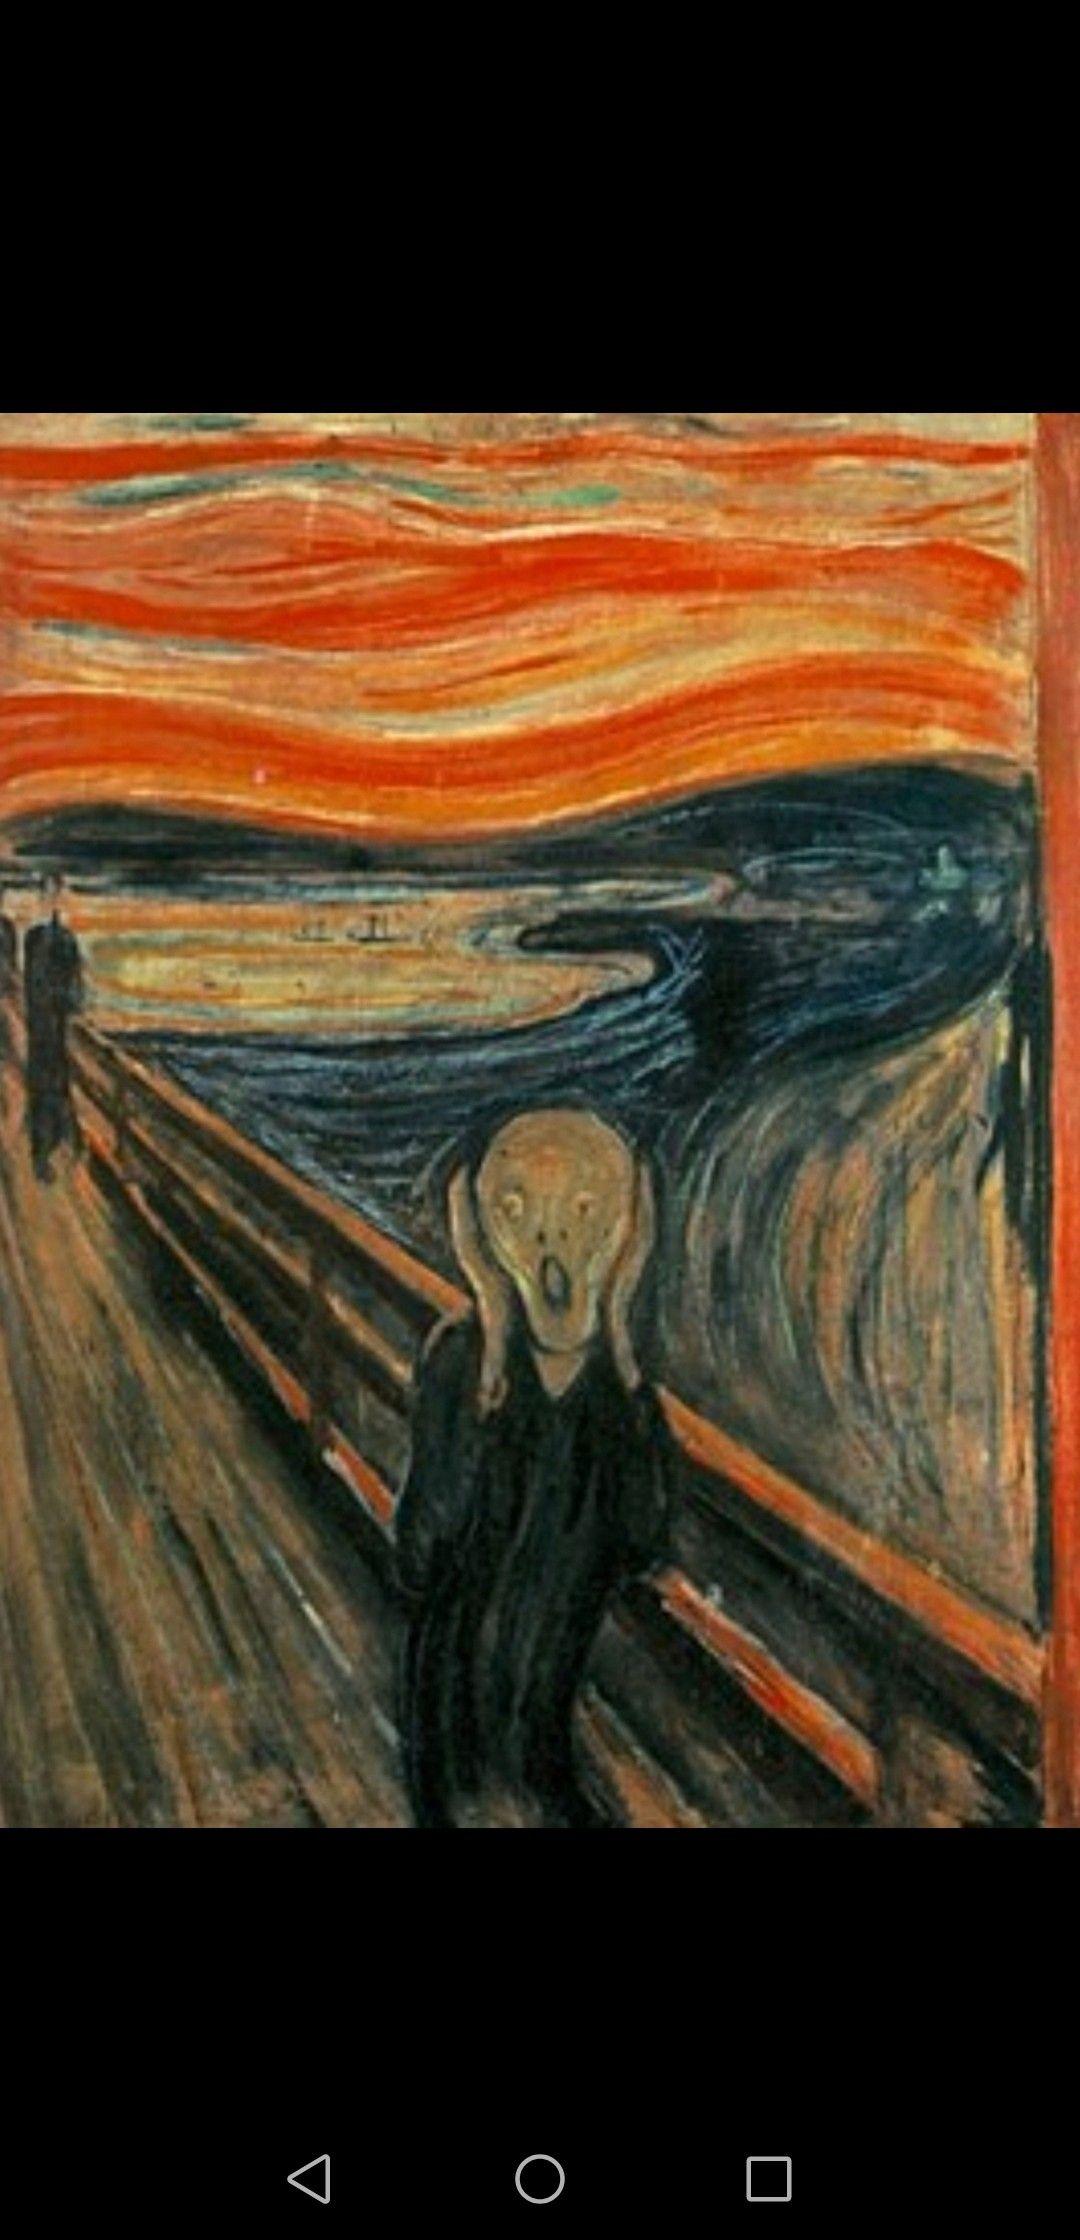 Edvard Munch | Famous art paintings, Scream art, Famous art